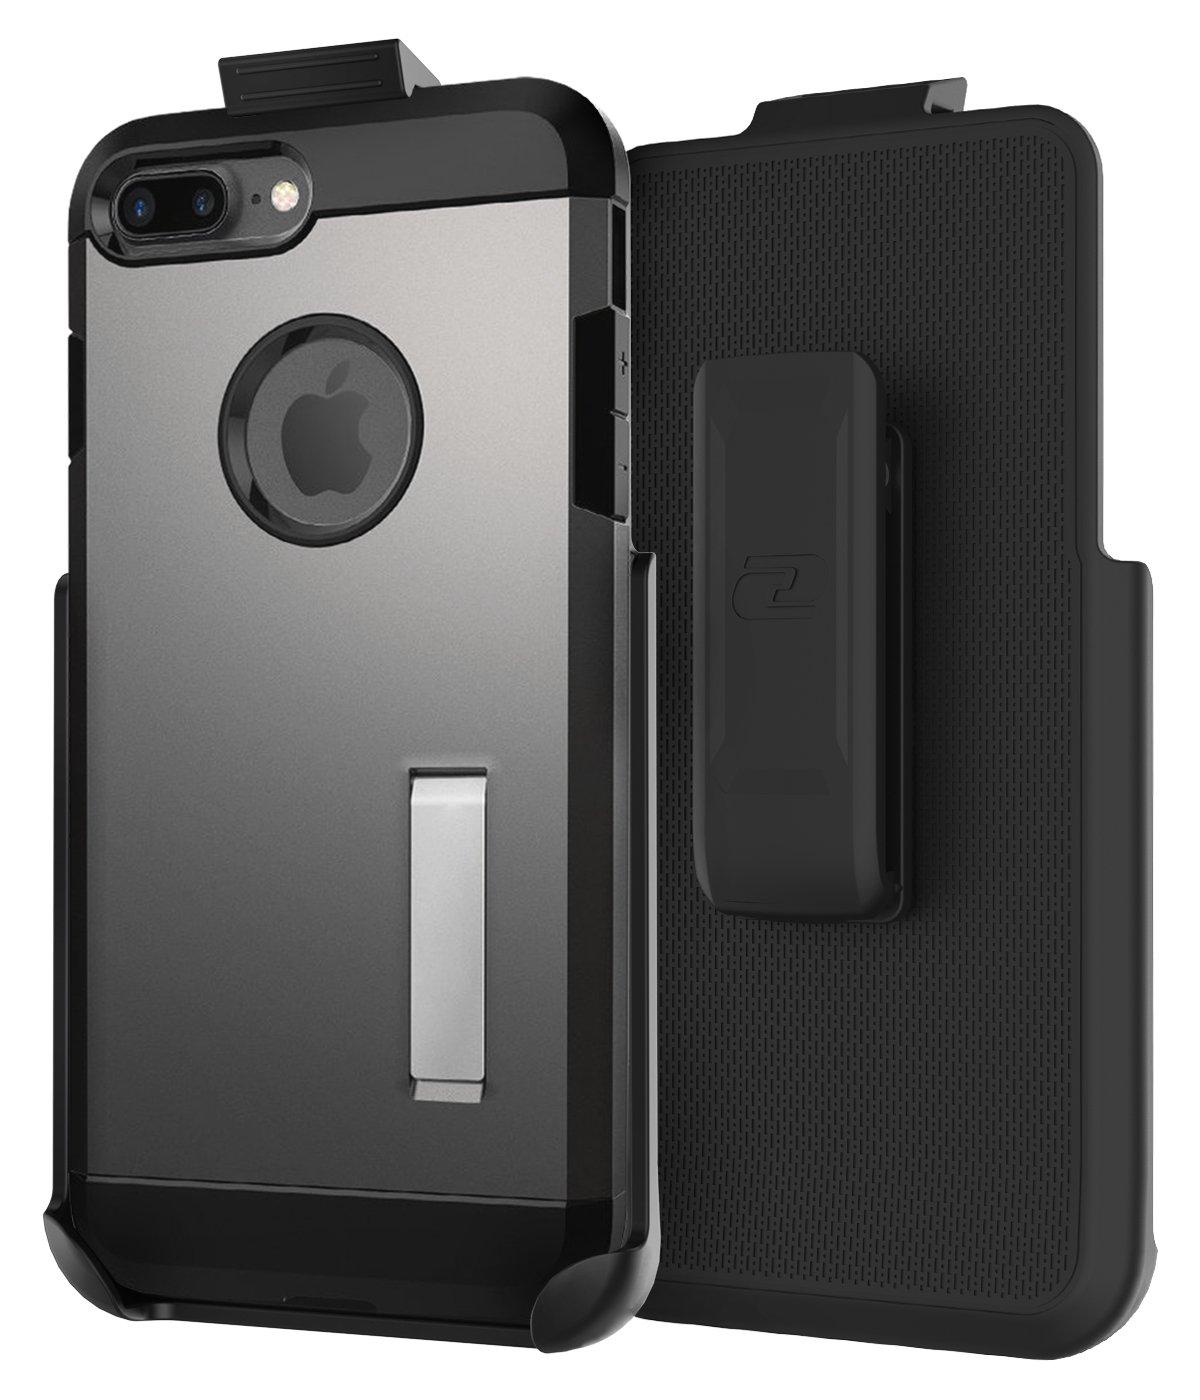 iPhone 7 Plus Spigen Tough Armor Holster - Encased